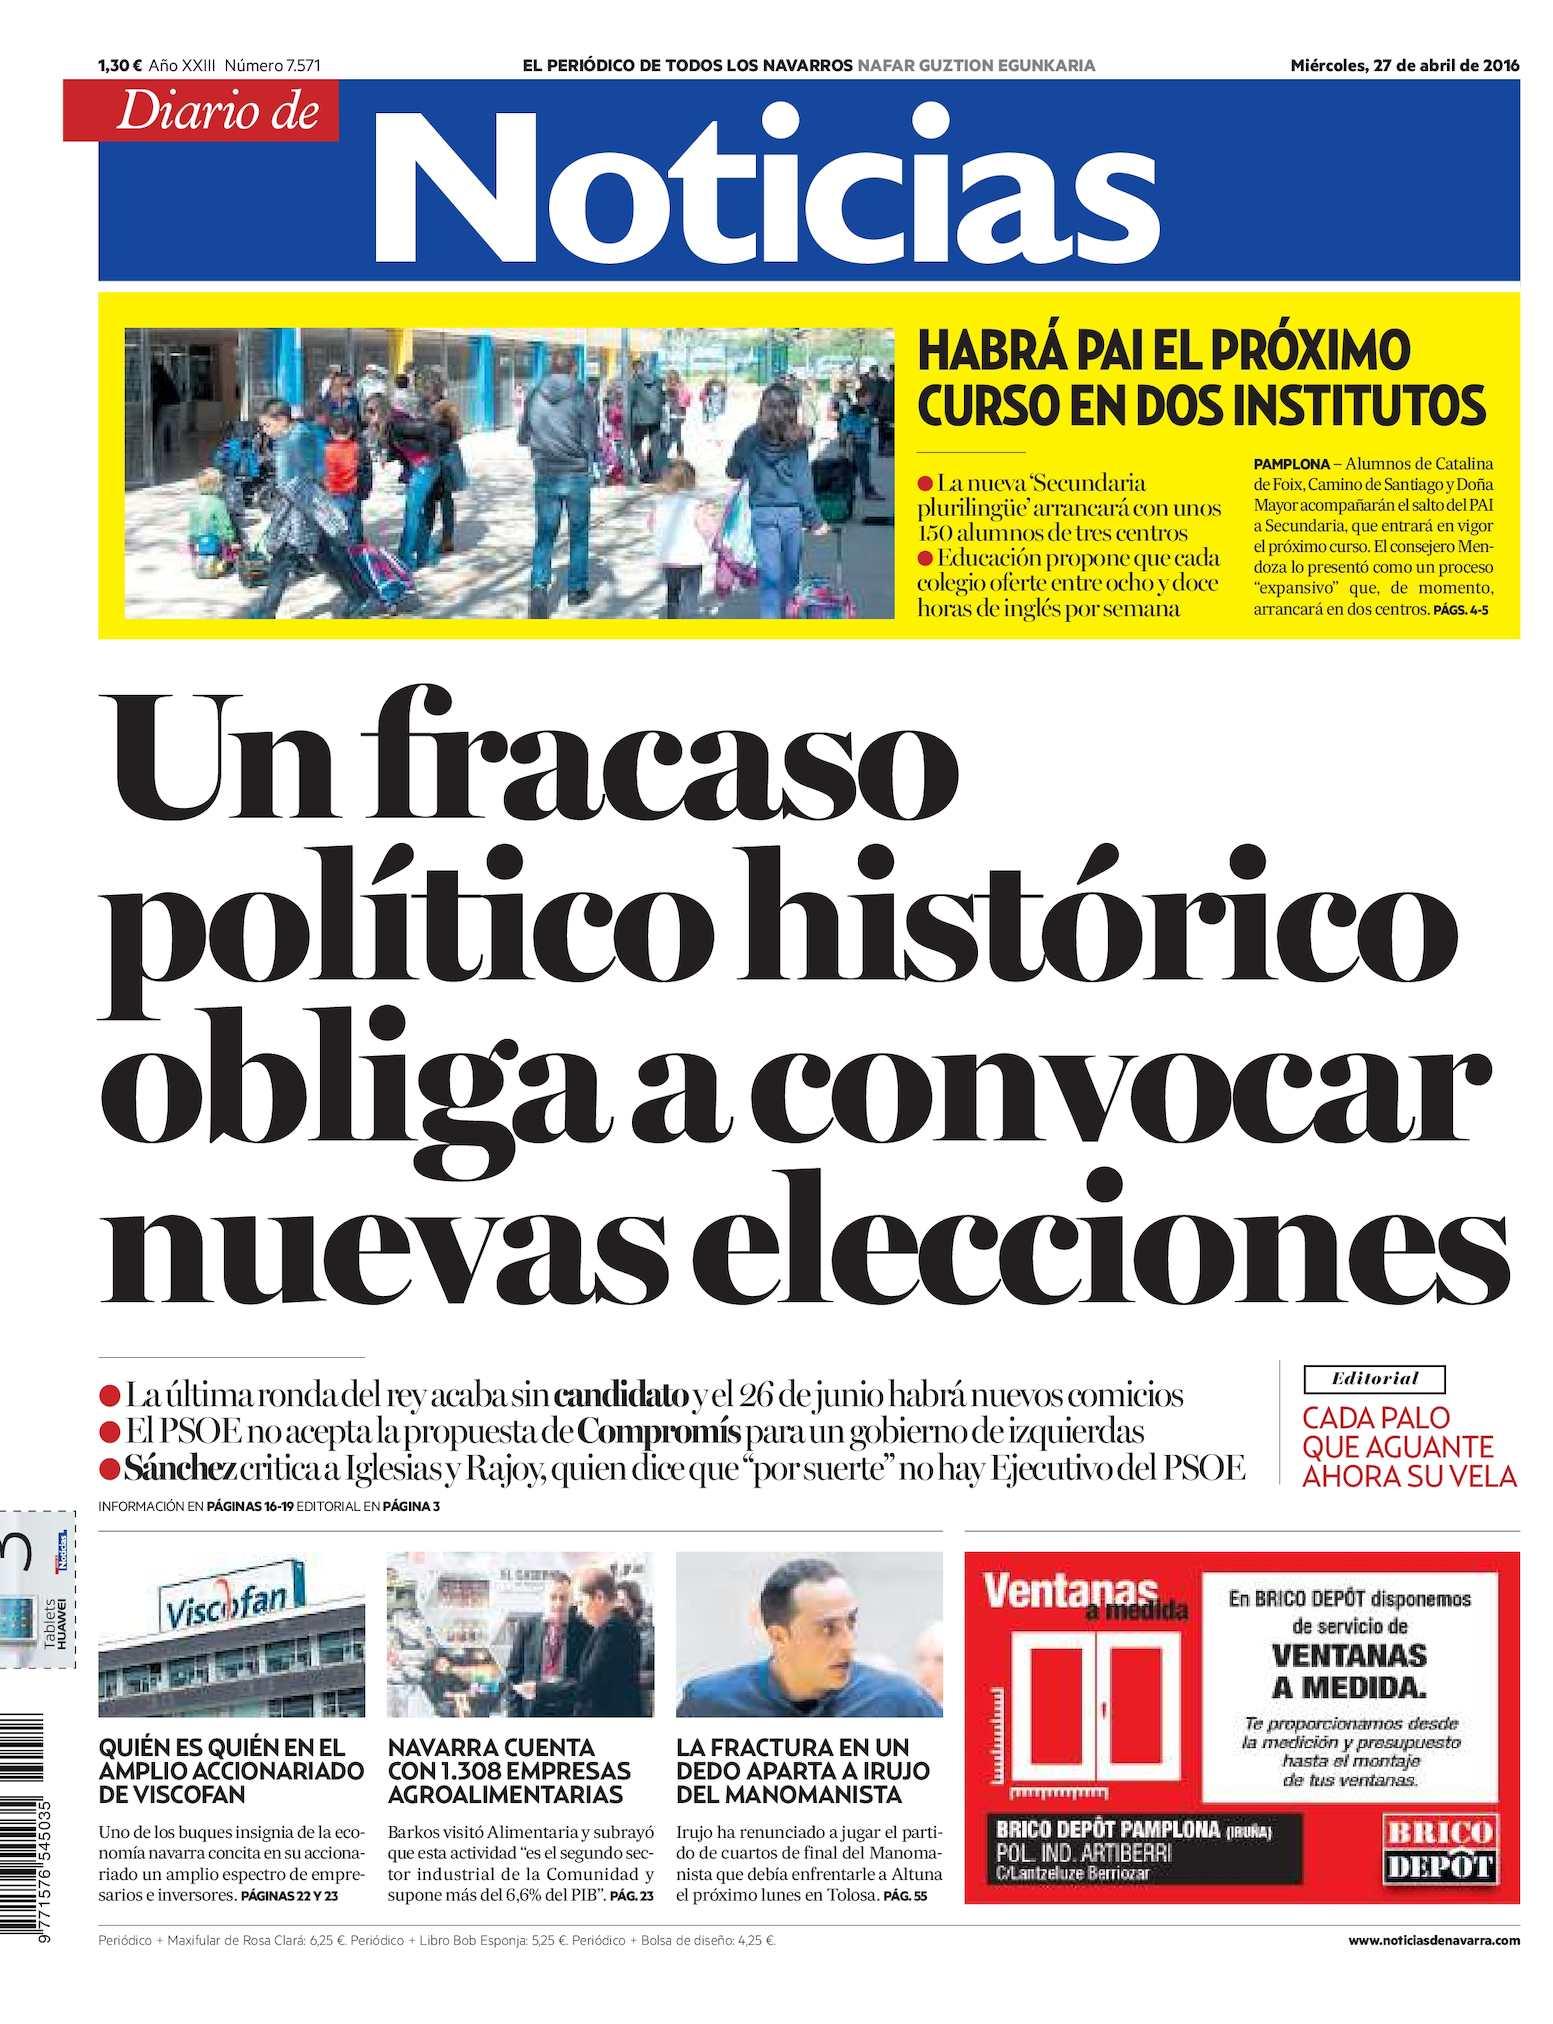 Calaméo - Diario de Noticias 20160427